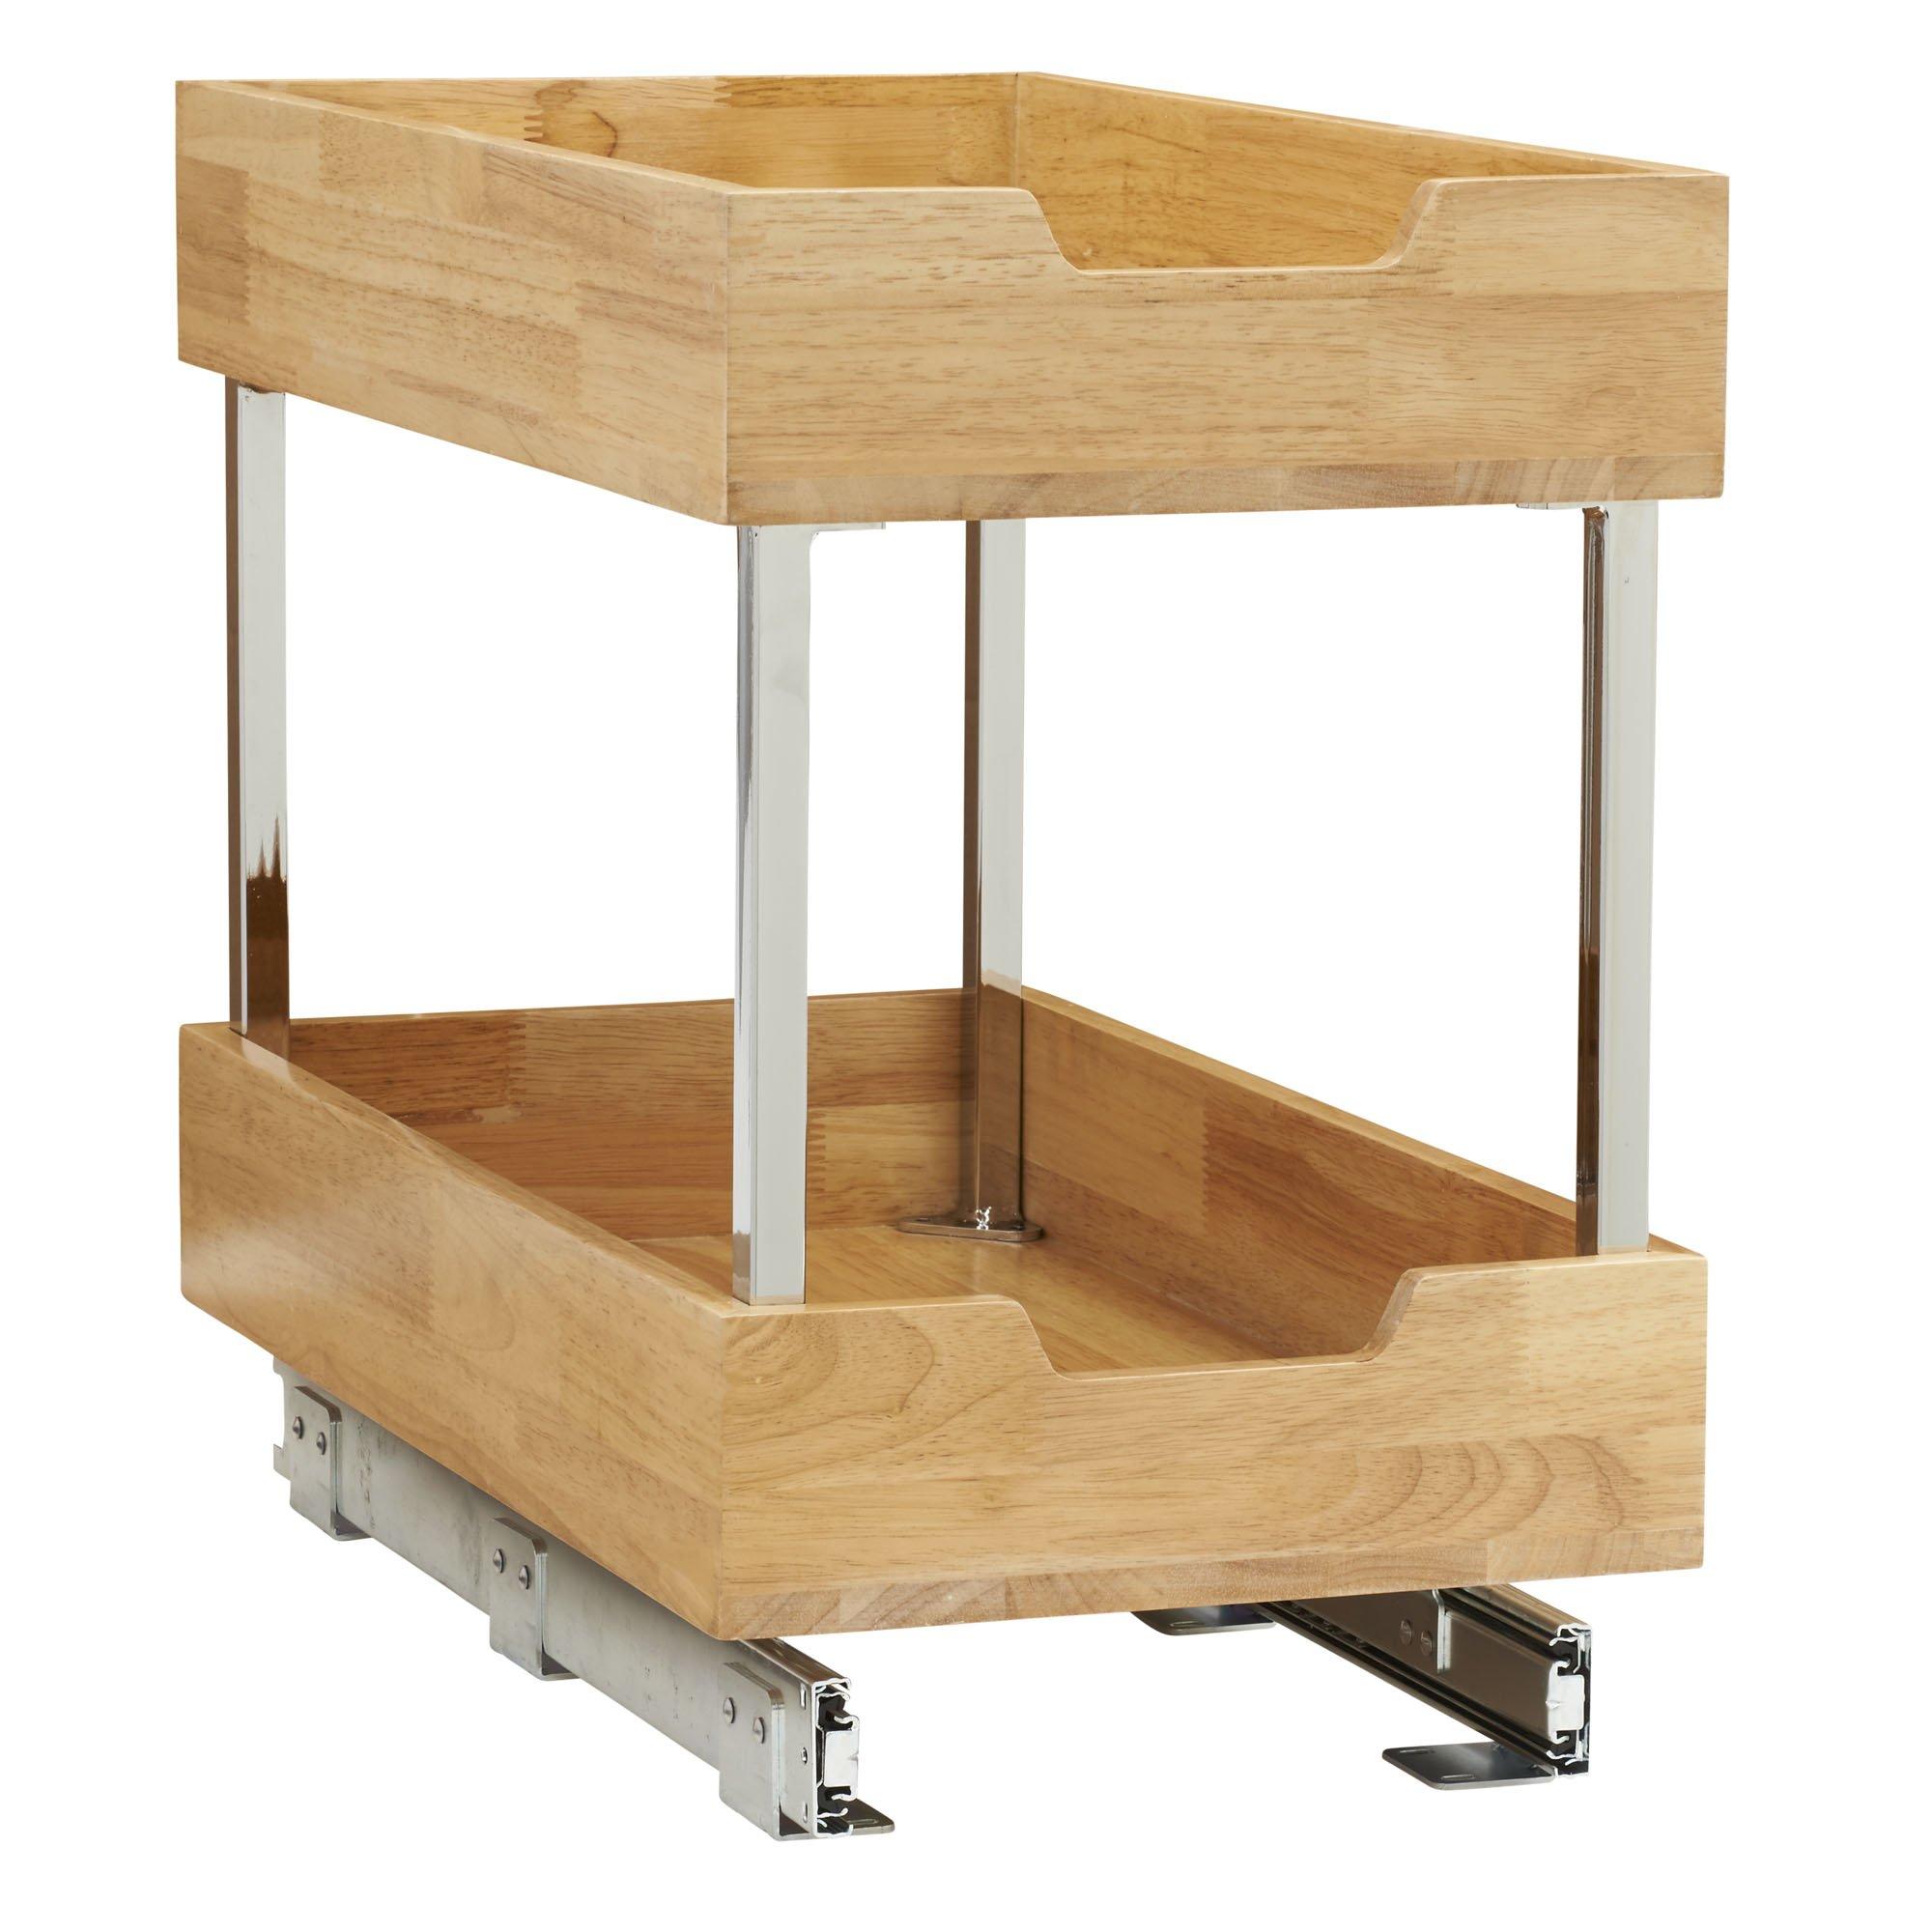 Household Essentials 24221-1 Glidez 2-Tier Sliding Cabinet Organizer, 11.5'' Wide, Wood by Household Essentials